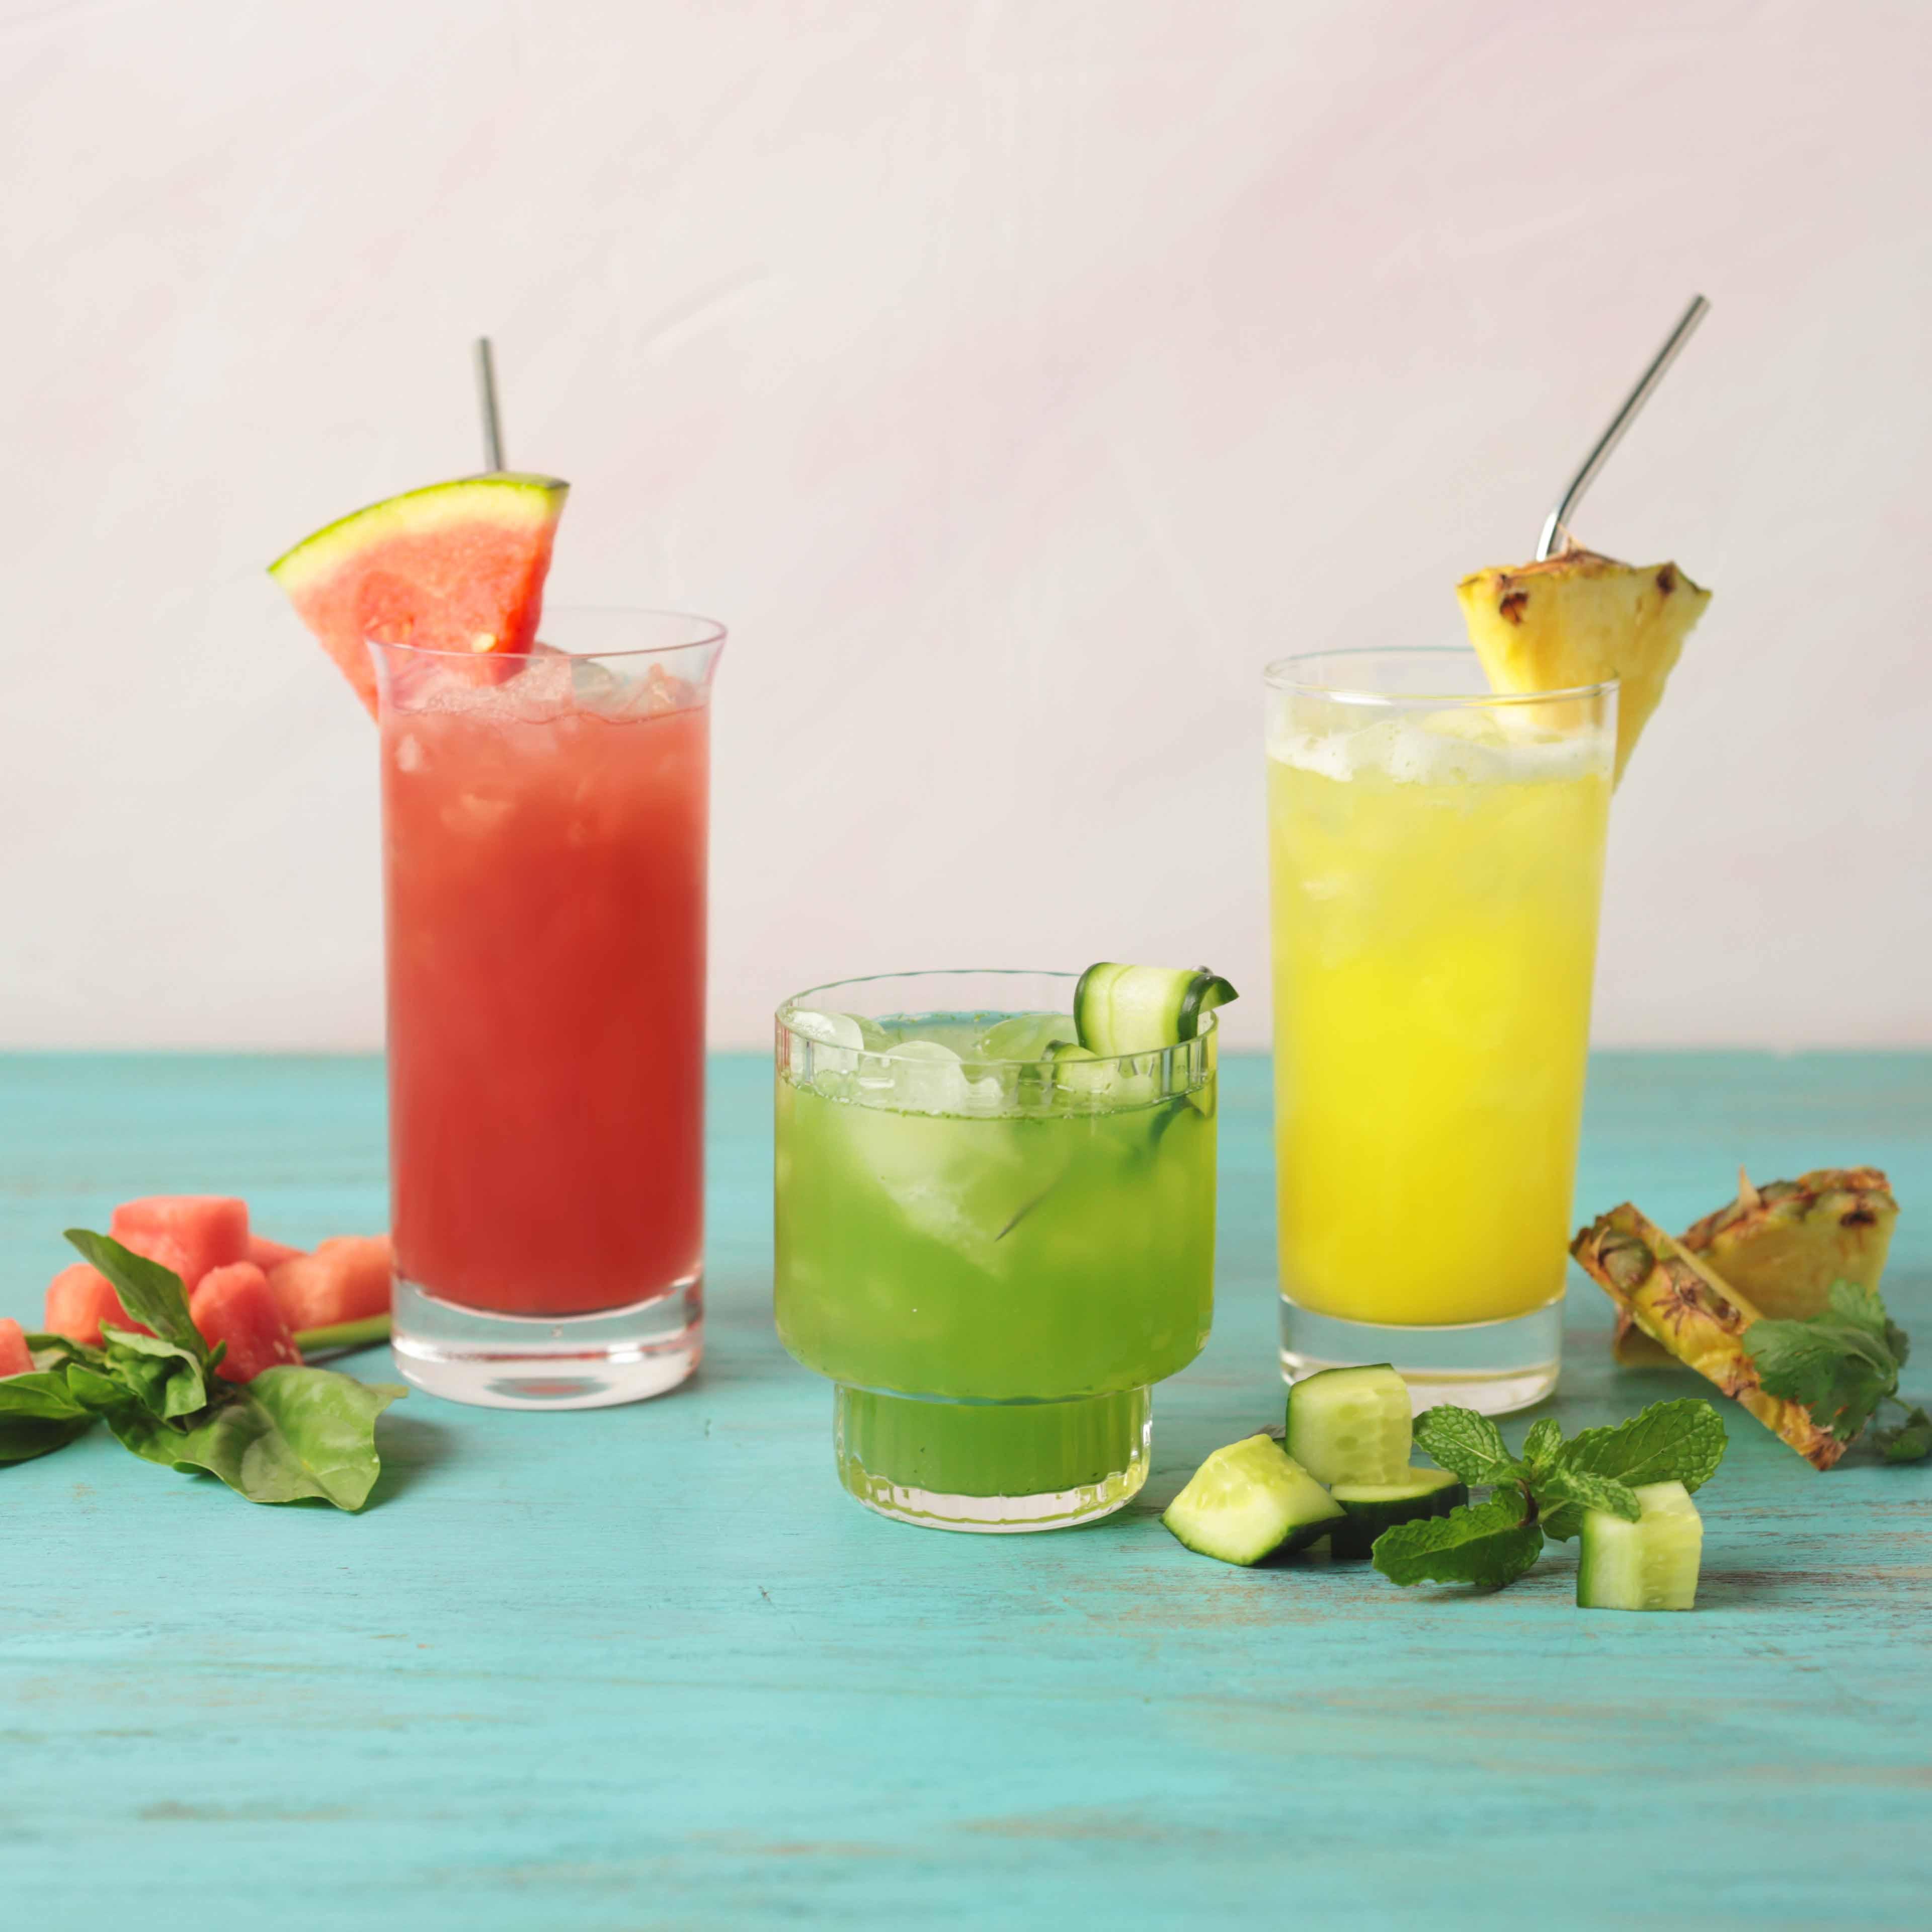 Photo of Aguas Frescas Three Ways - Watermelon Basil by WW